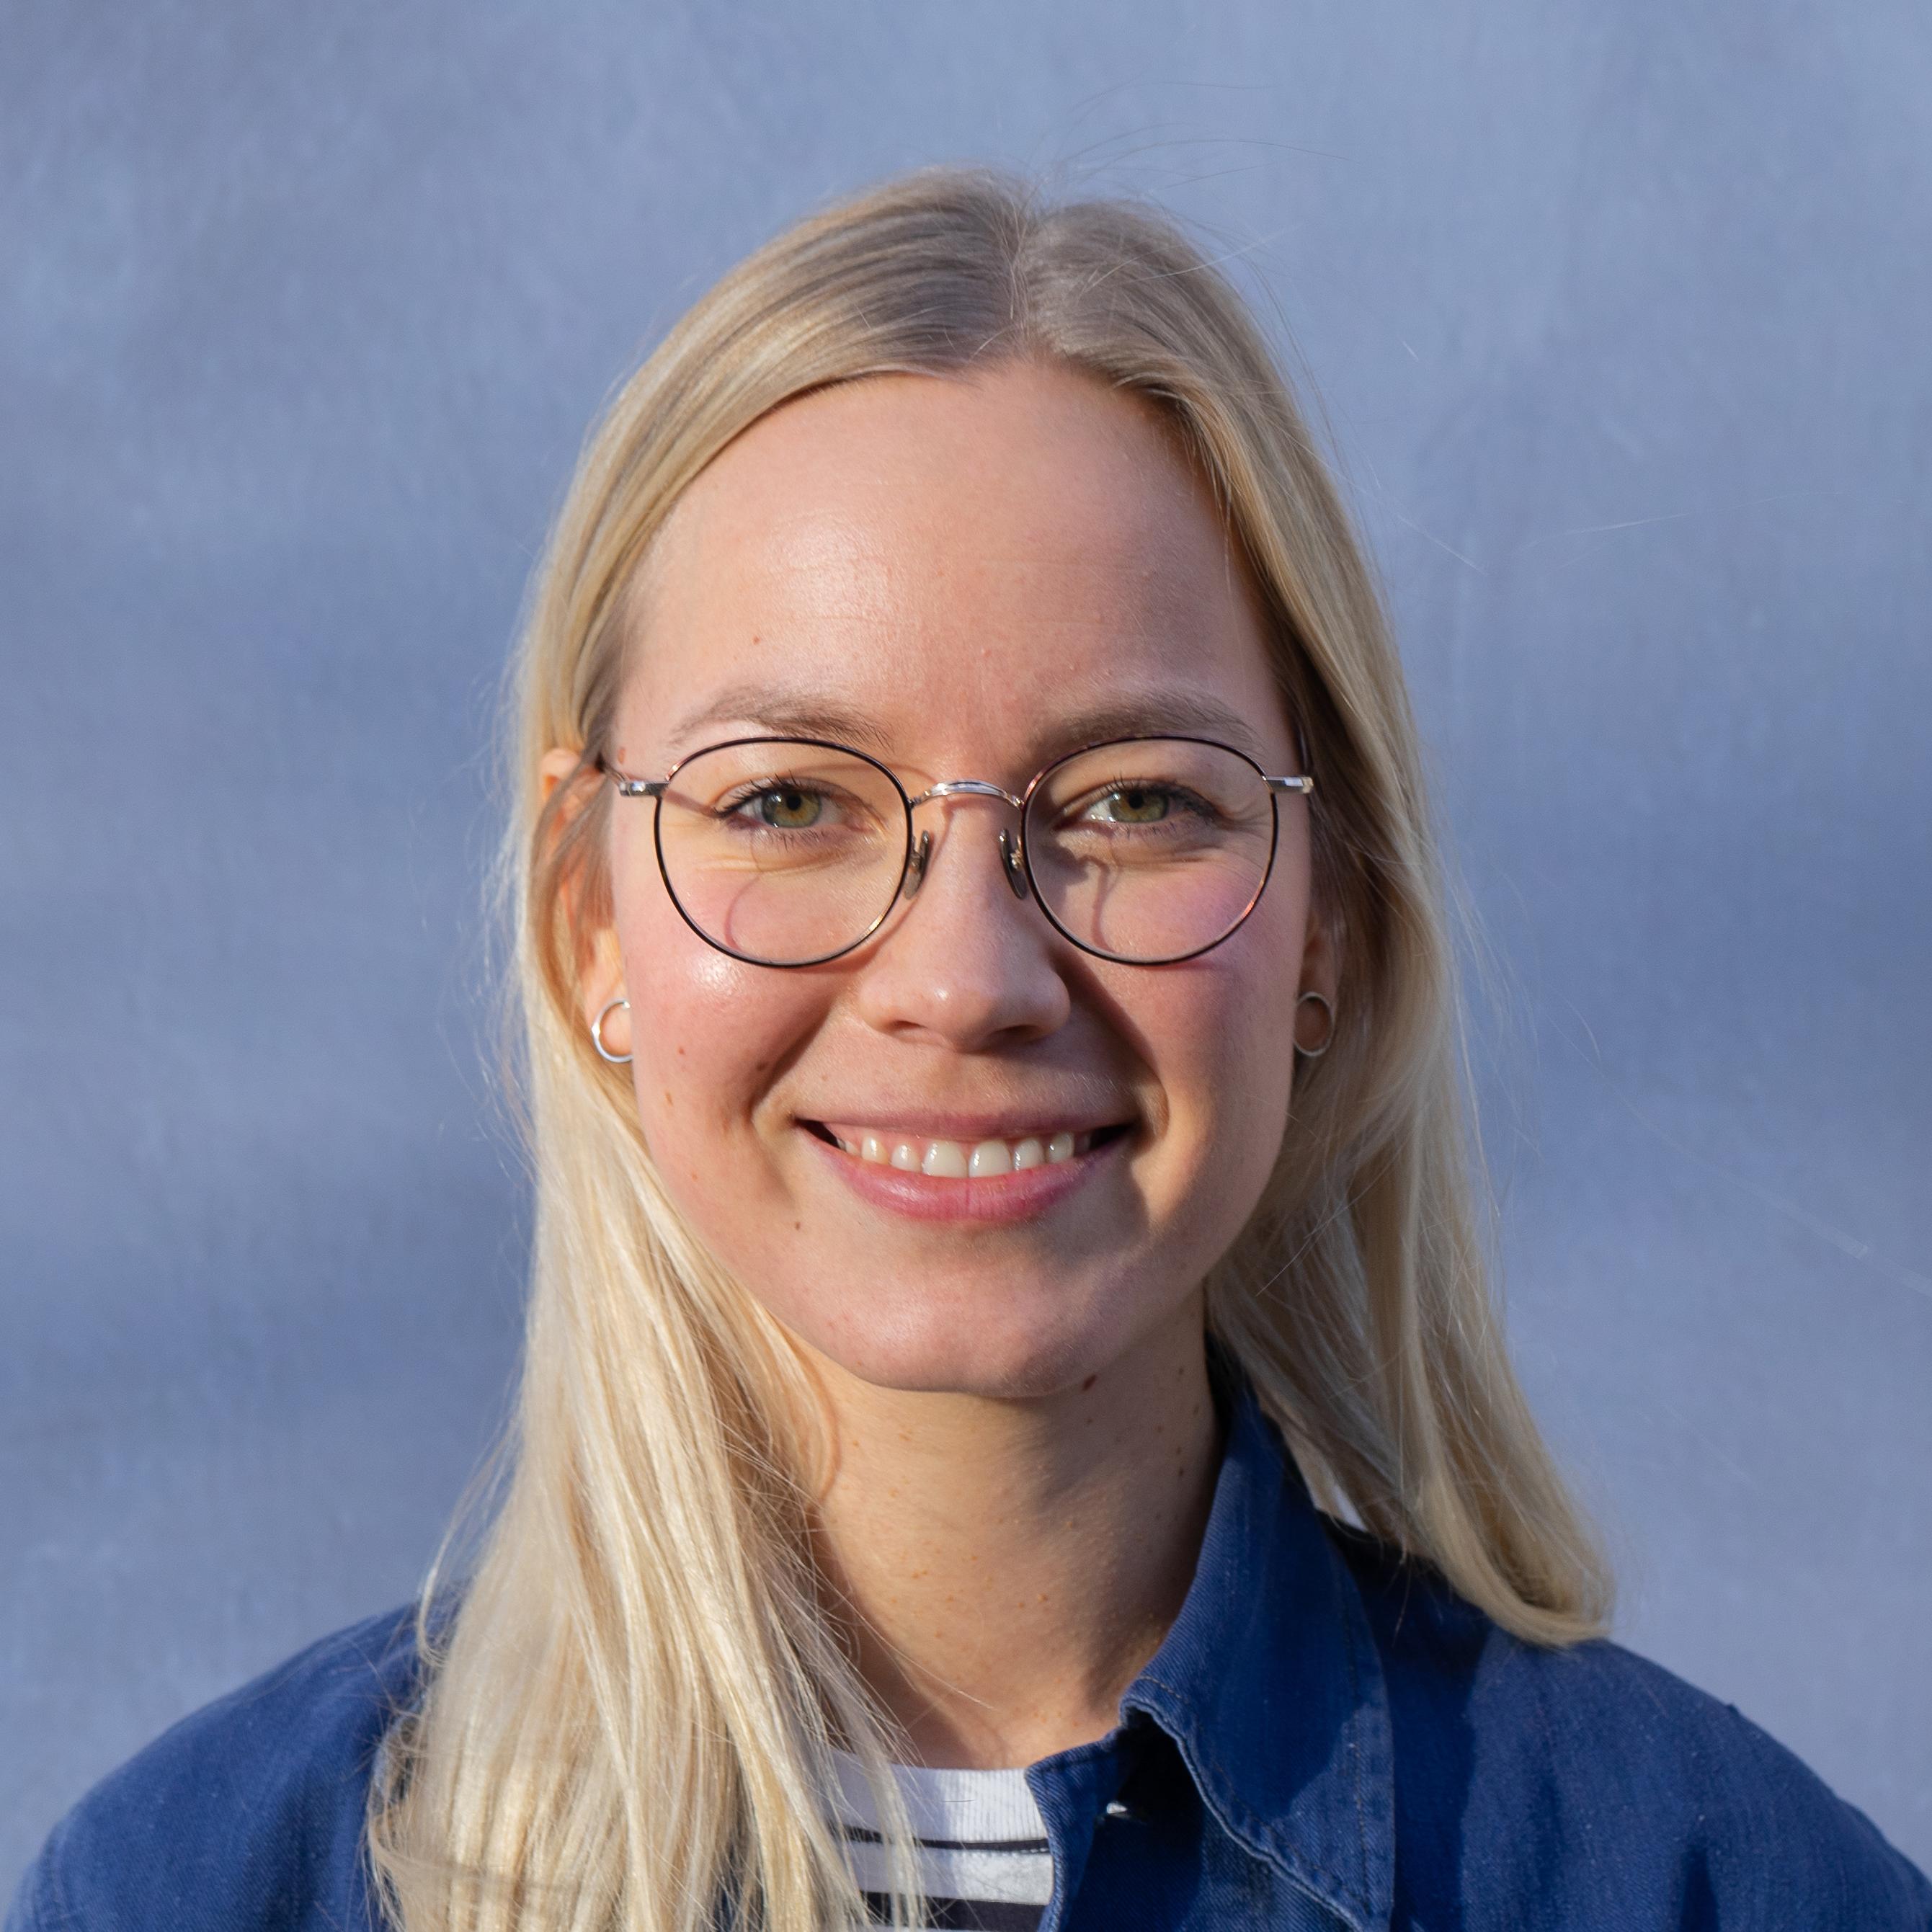 Mikaela Gervard